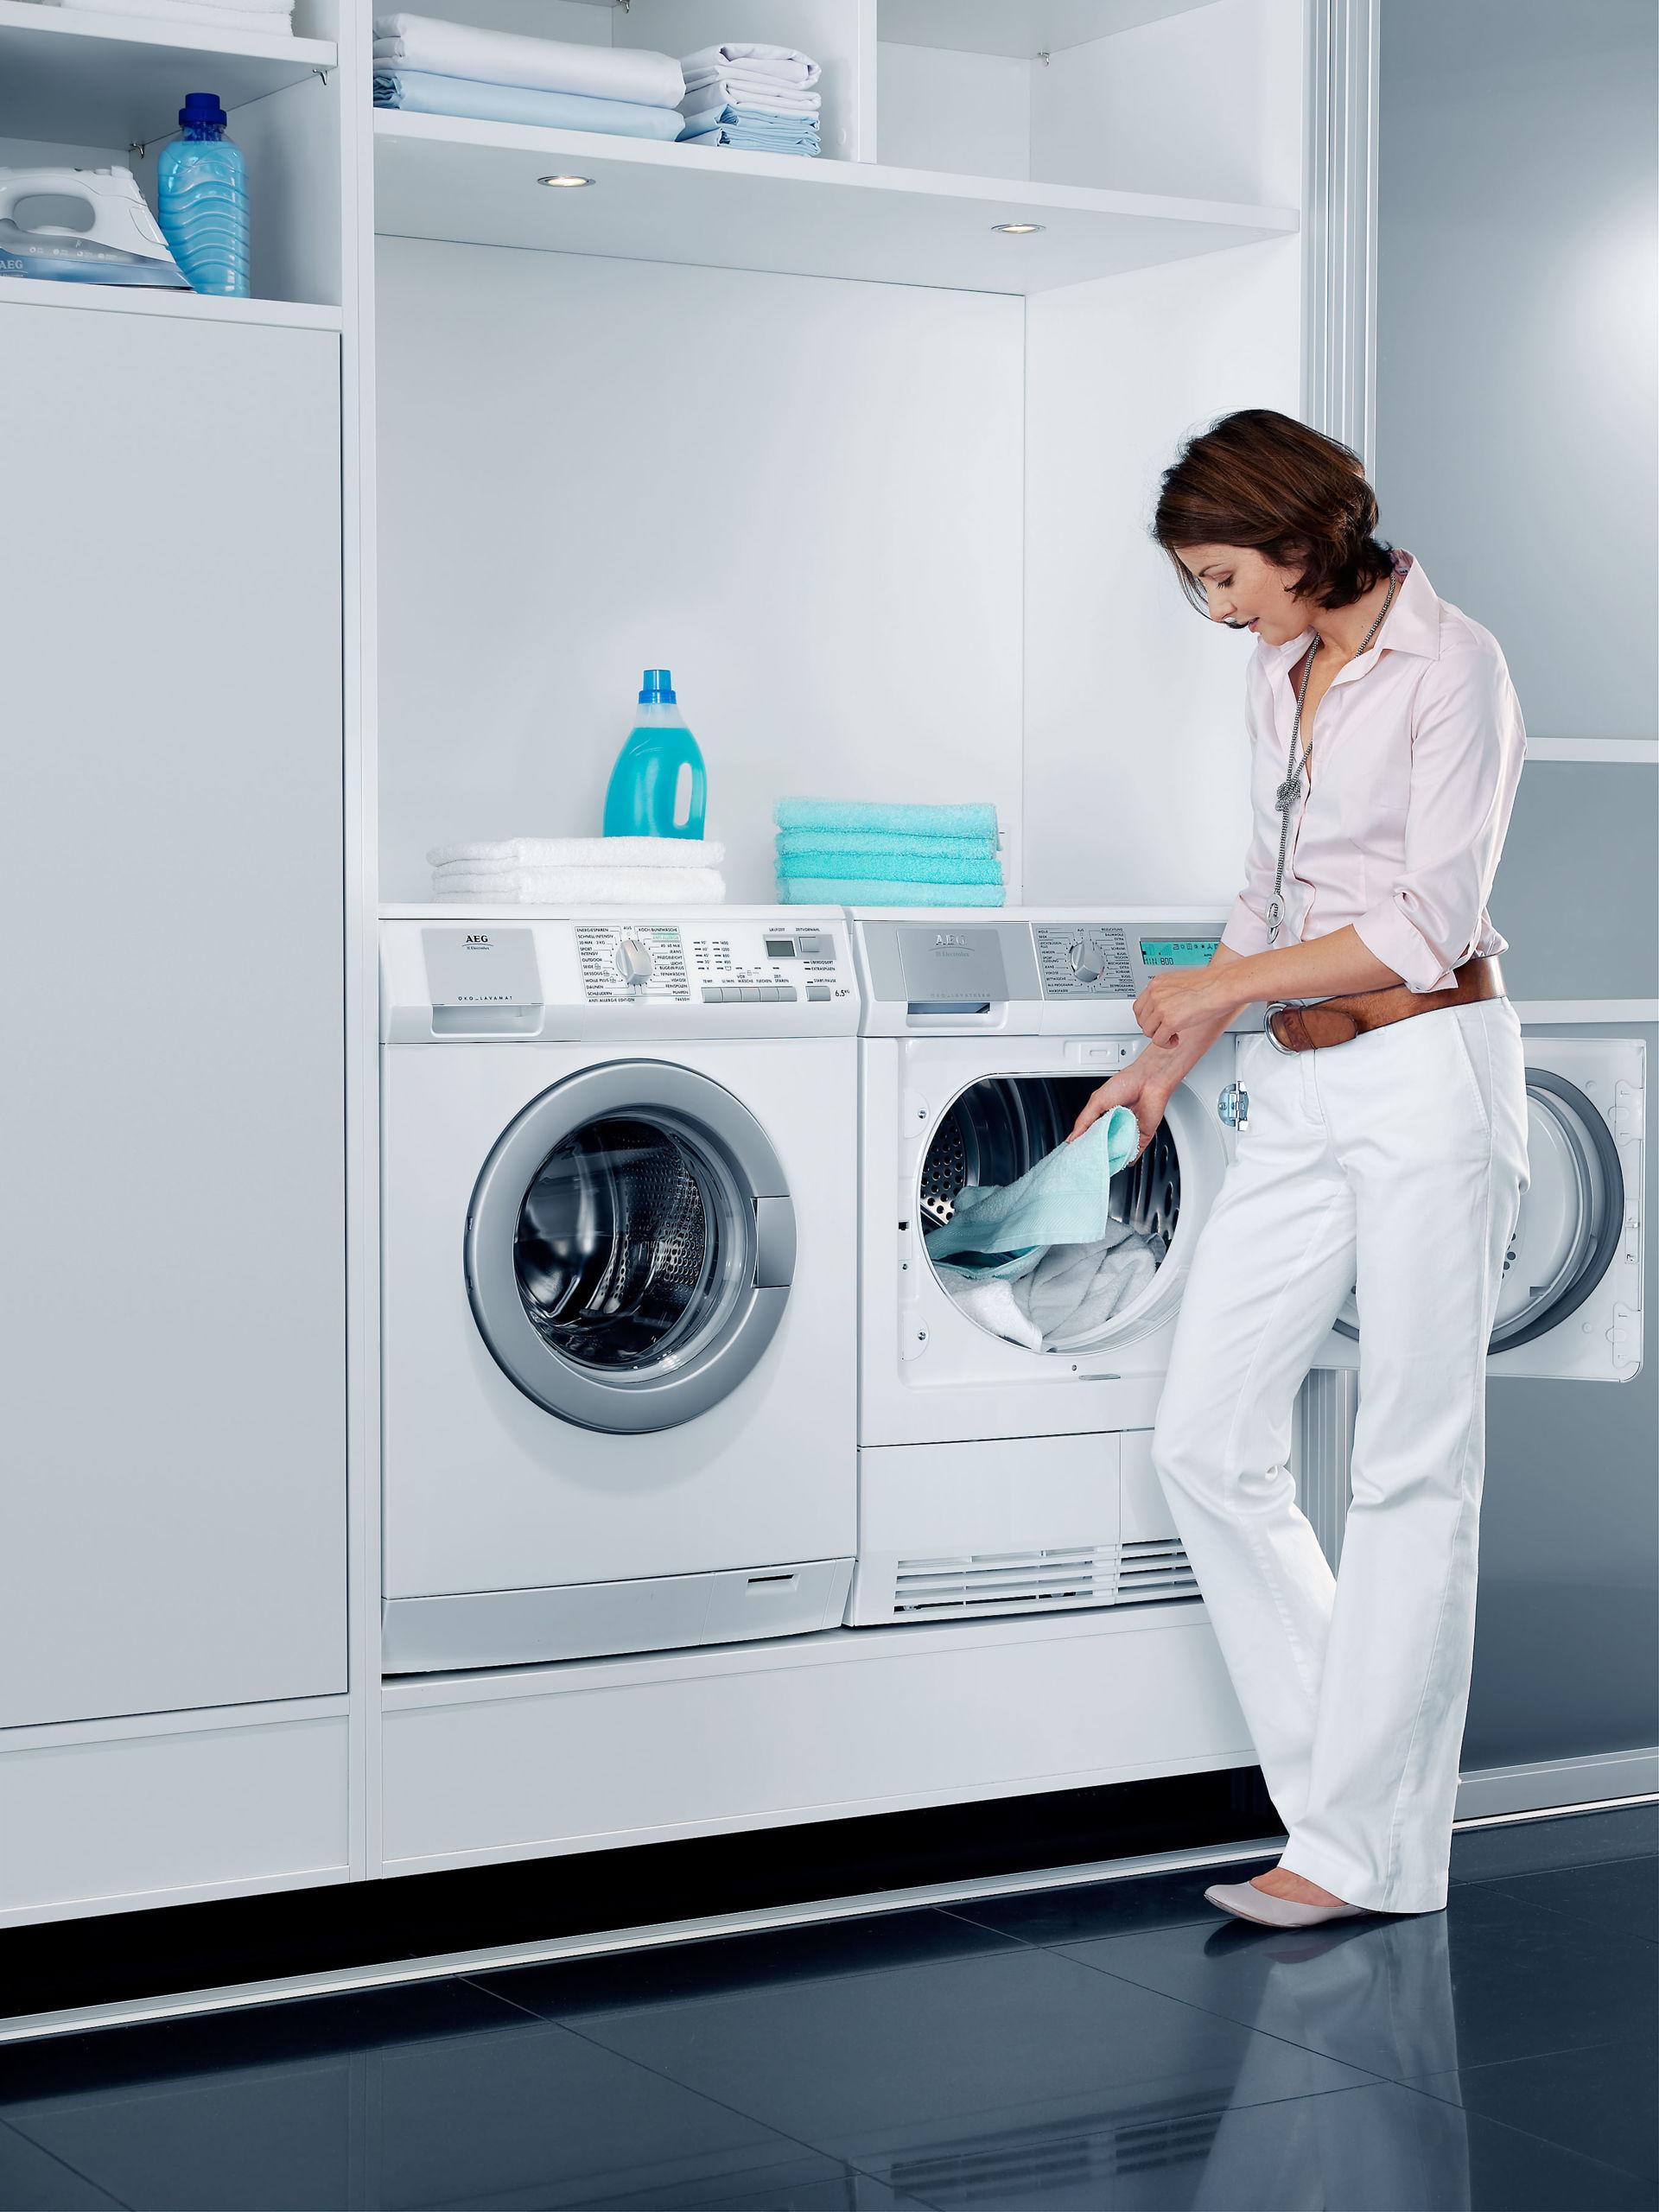 waschmaschine k hlschrank und co zuhause wohnen. Black Bedroom Furniture Sets. Home Design Ideas